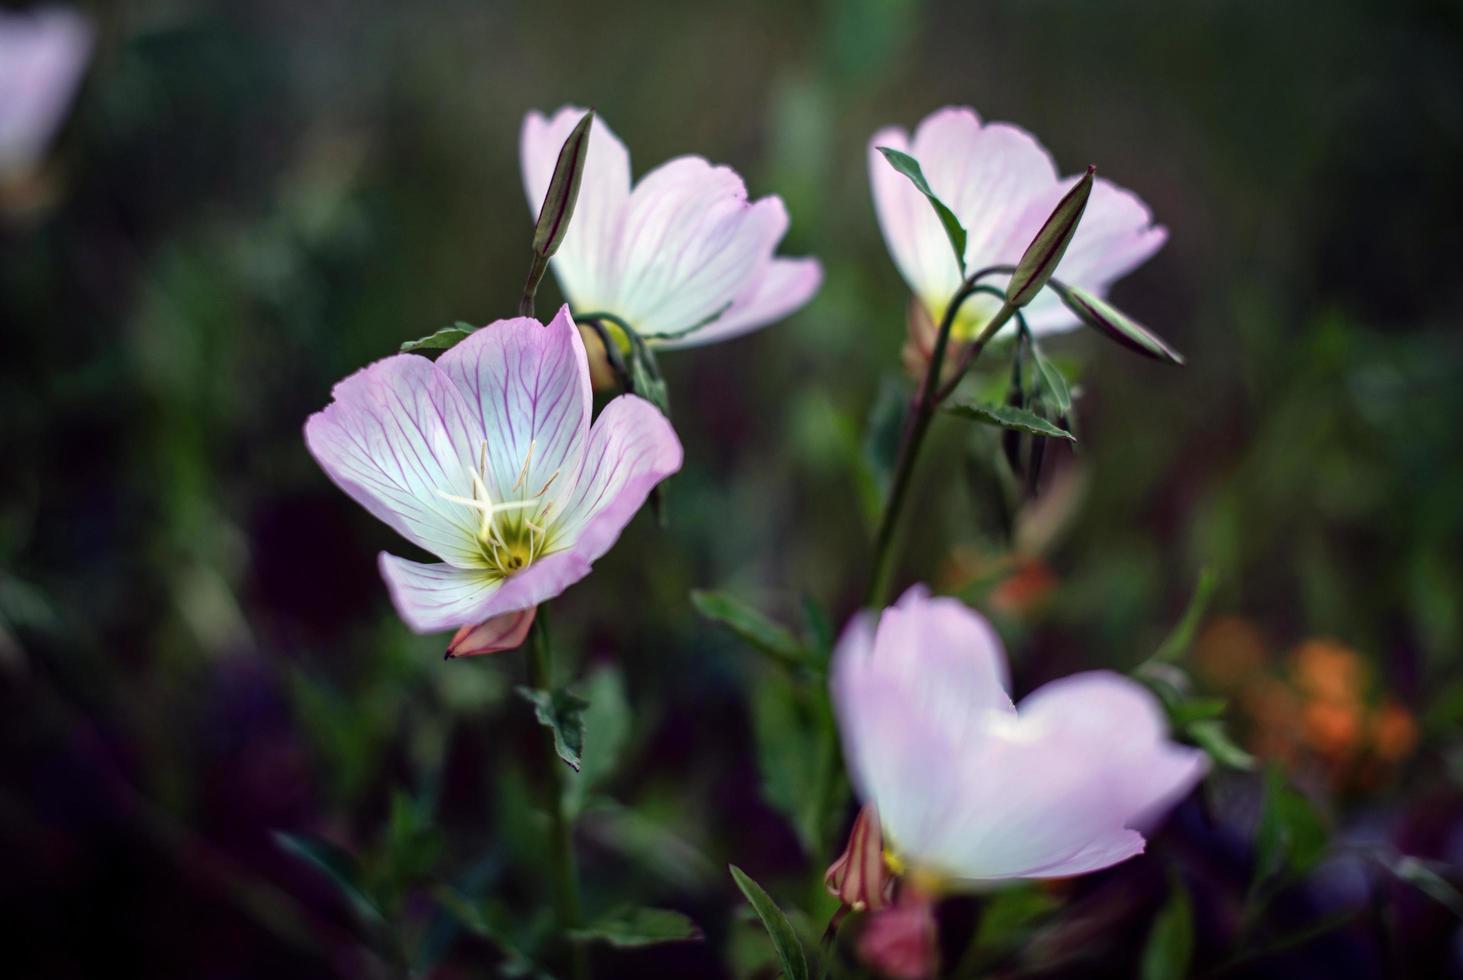 fleurs violettes et blanches photo